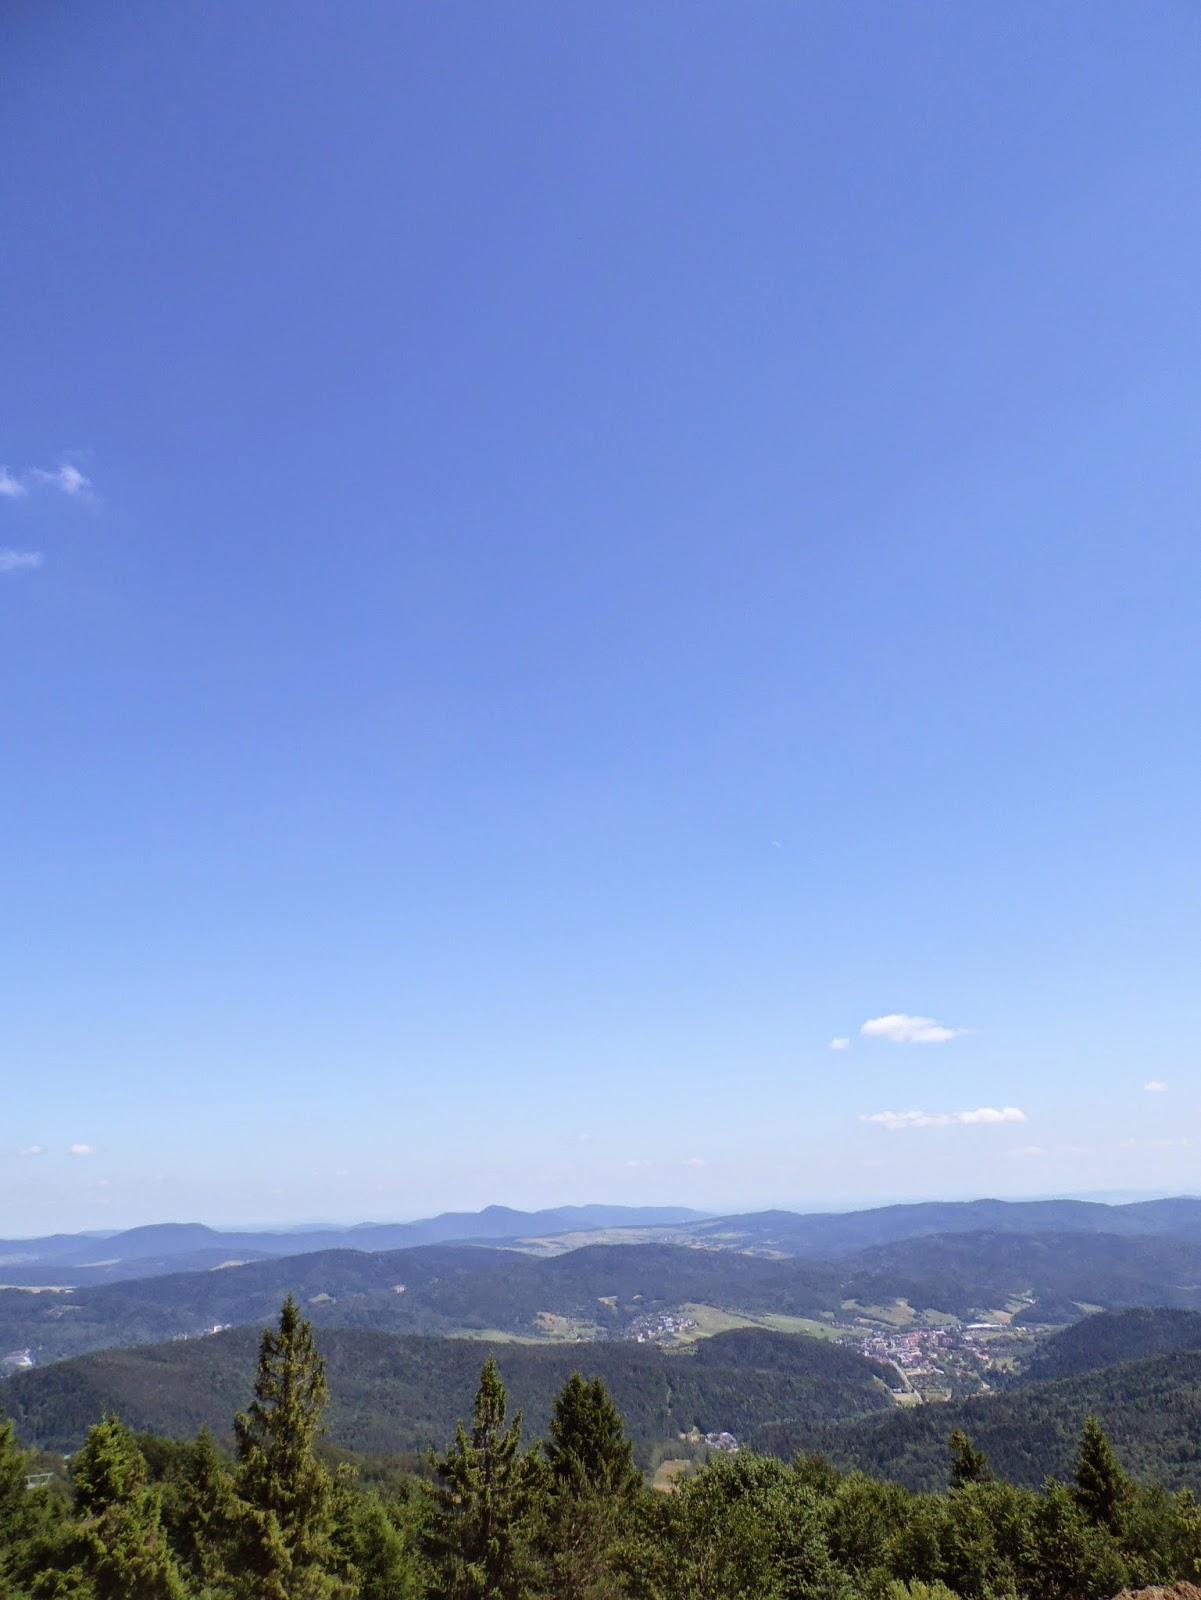 Widok z okolic szczytu Jaworzyny Krynickiej